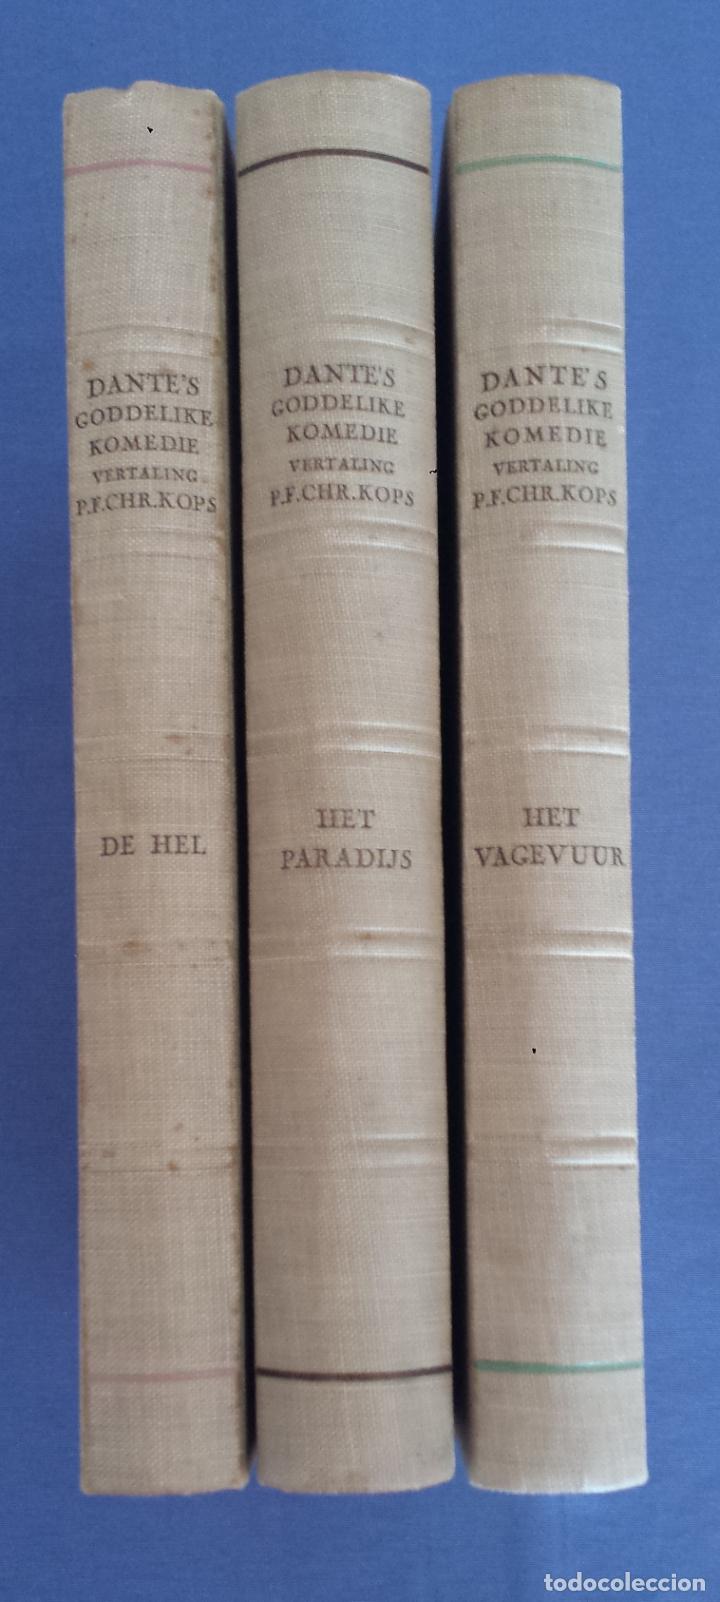 Libros antiguos: Libro holandés, Dantes Goddelijke Komedie, Edición limitada Nº 893/1025 - Foto 6 - 209234038